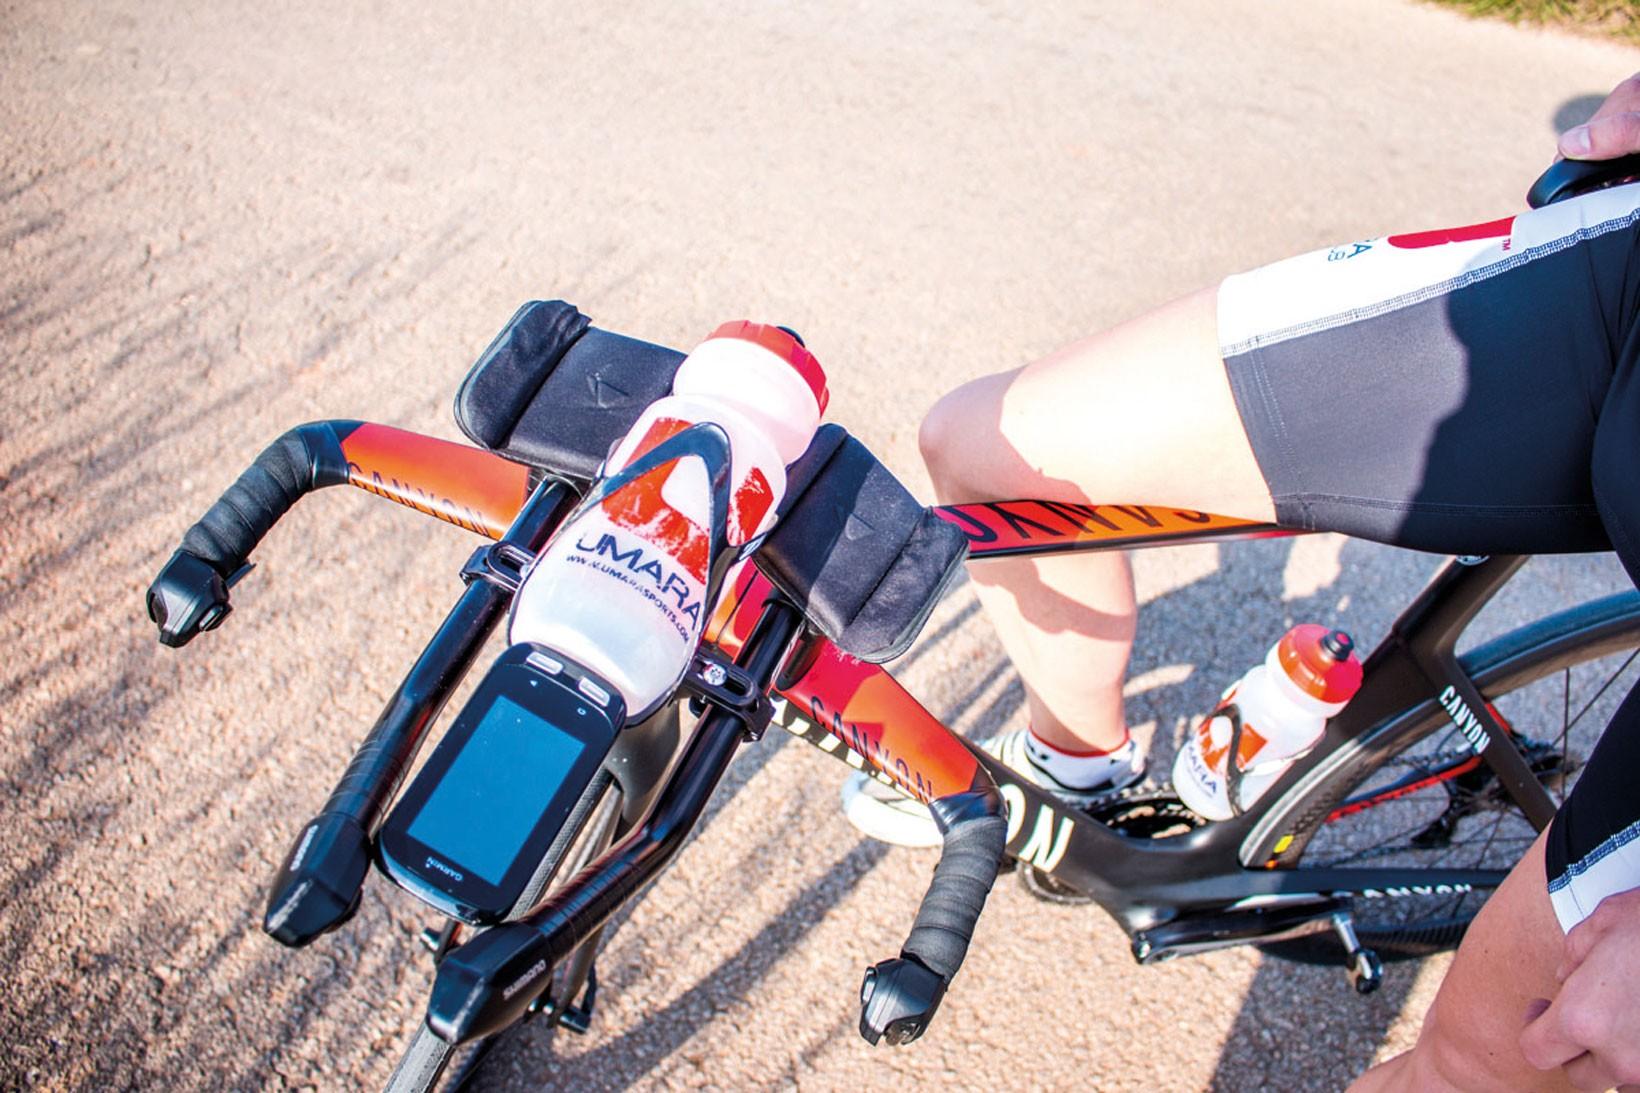 Se till att ladda flaskorna med energi och lär kroppen hantera den under aktivitet. Foto: Ida Carlsson